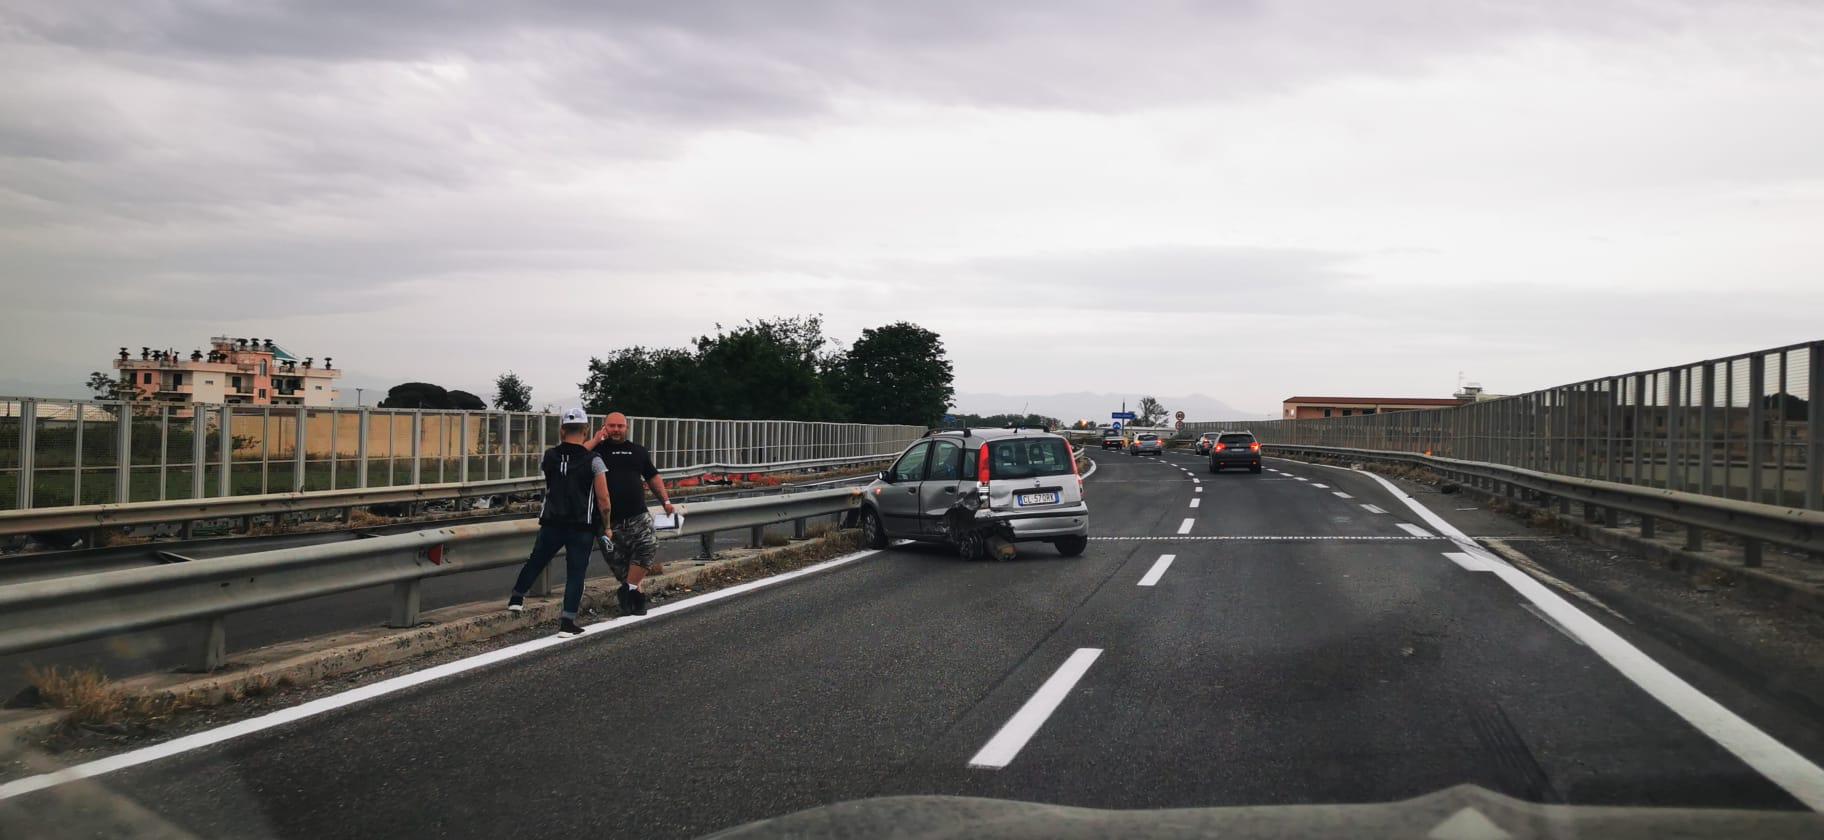 Auto contro guardrail, paura sull'asse mediano